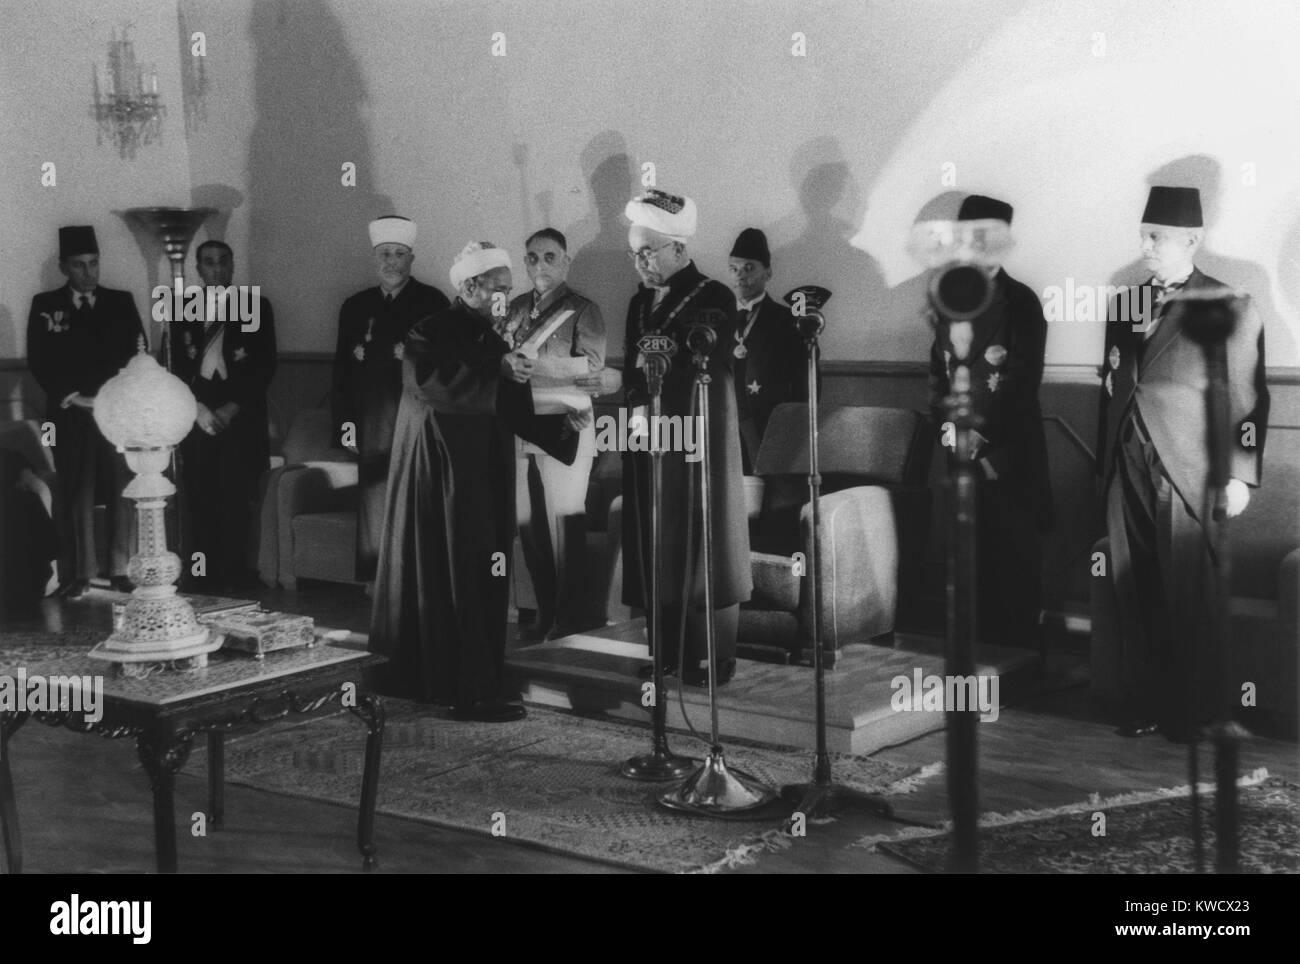 Emir Abdullah of the British Mandate, Trans-Jordan, became King Abdullah I on May 25, 1946. His great grandson, - Stock Image